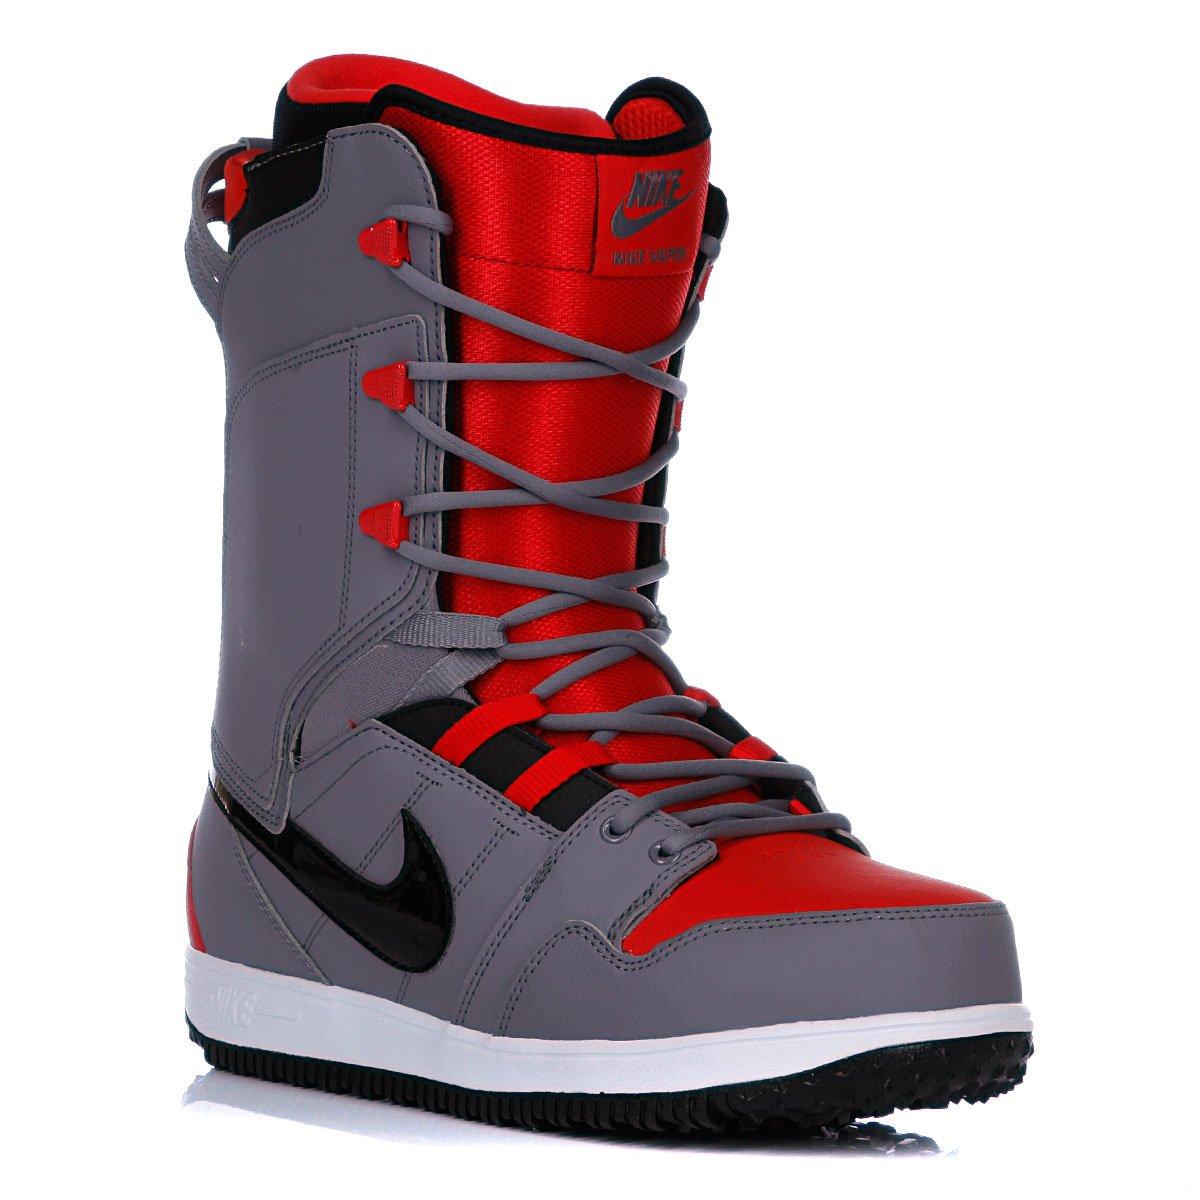 Ботинок для сноуборда на шнурке